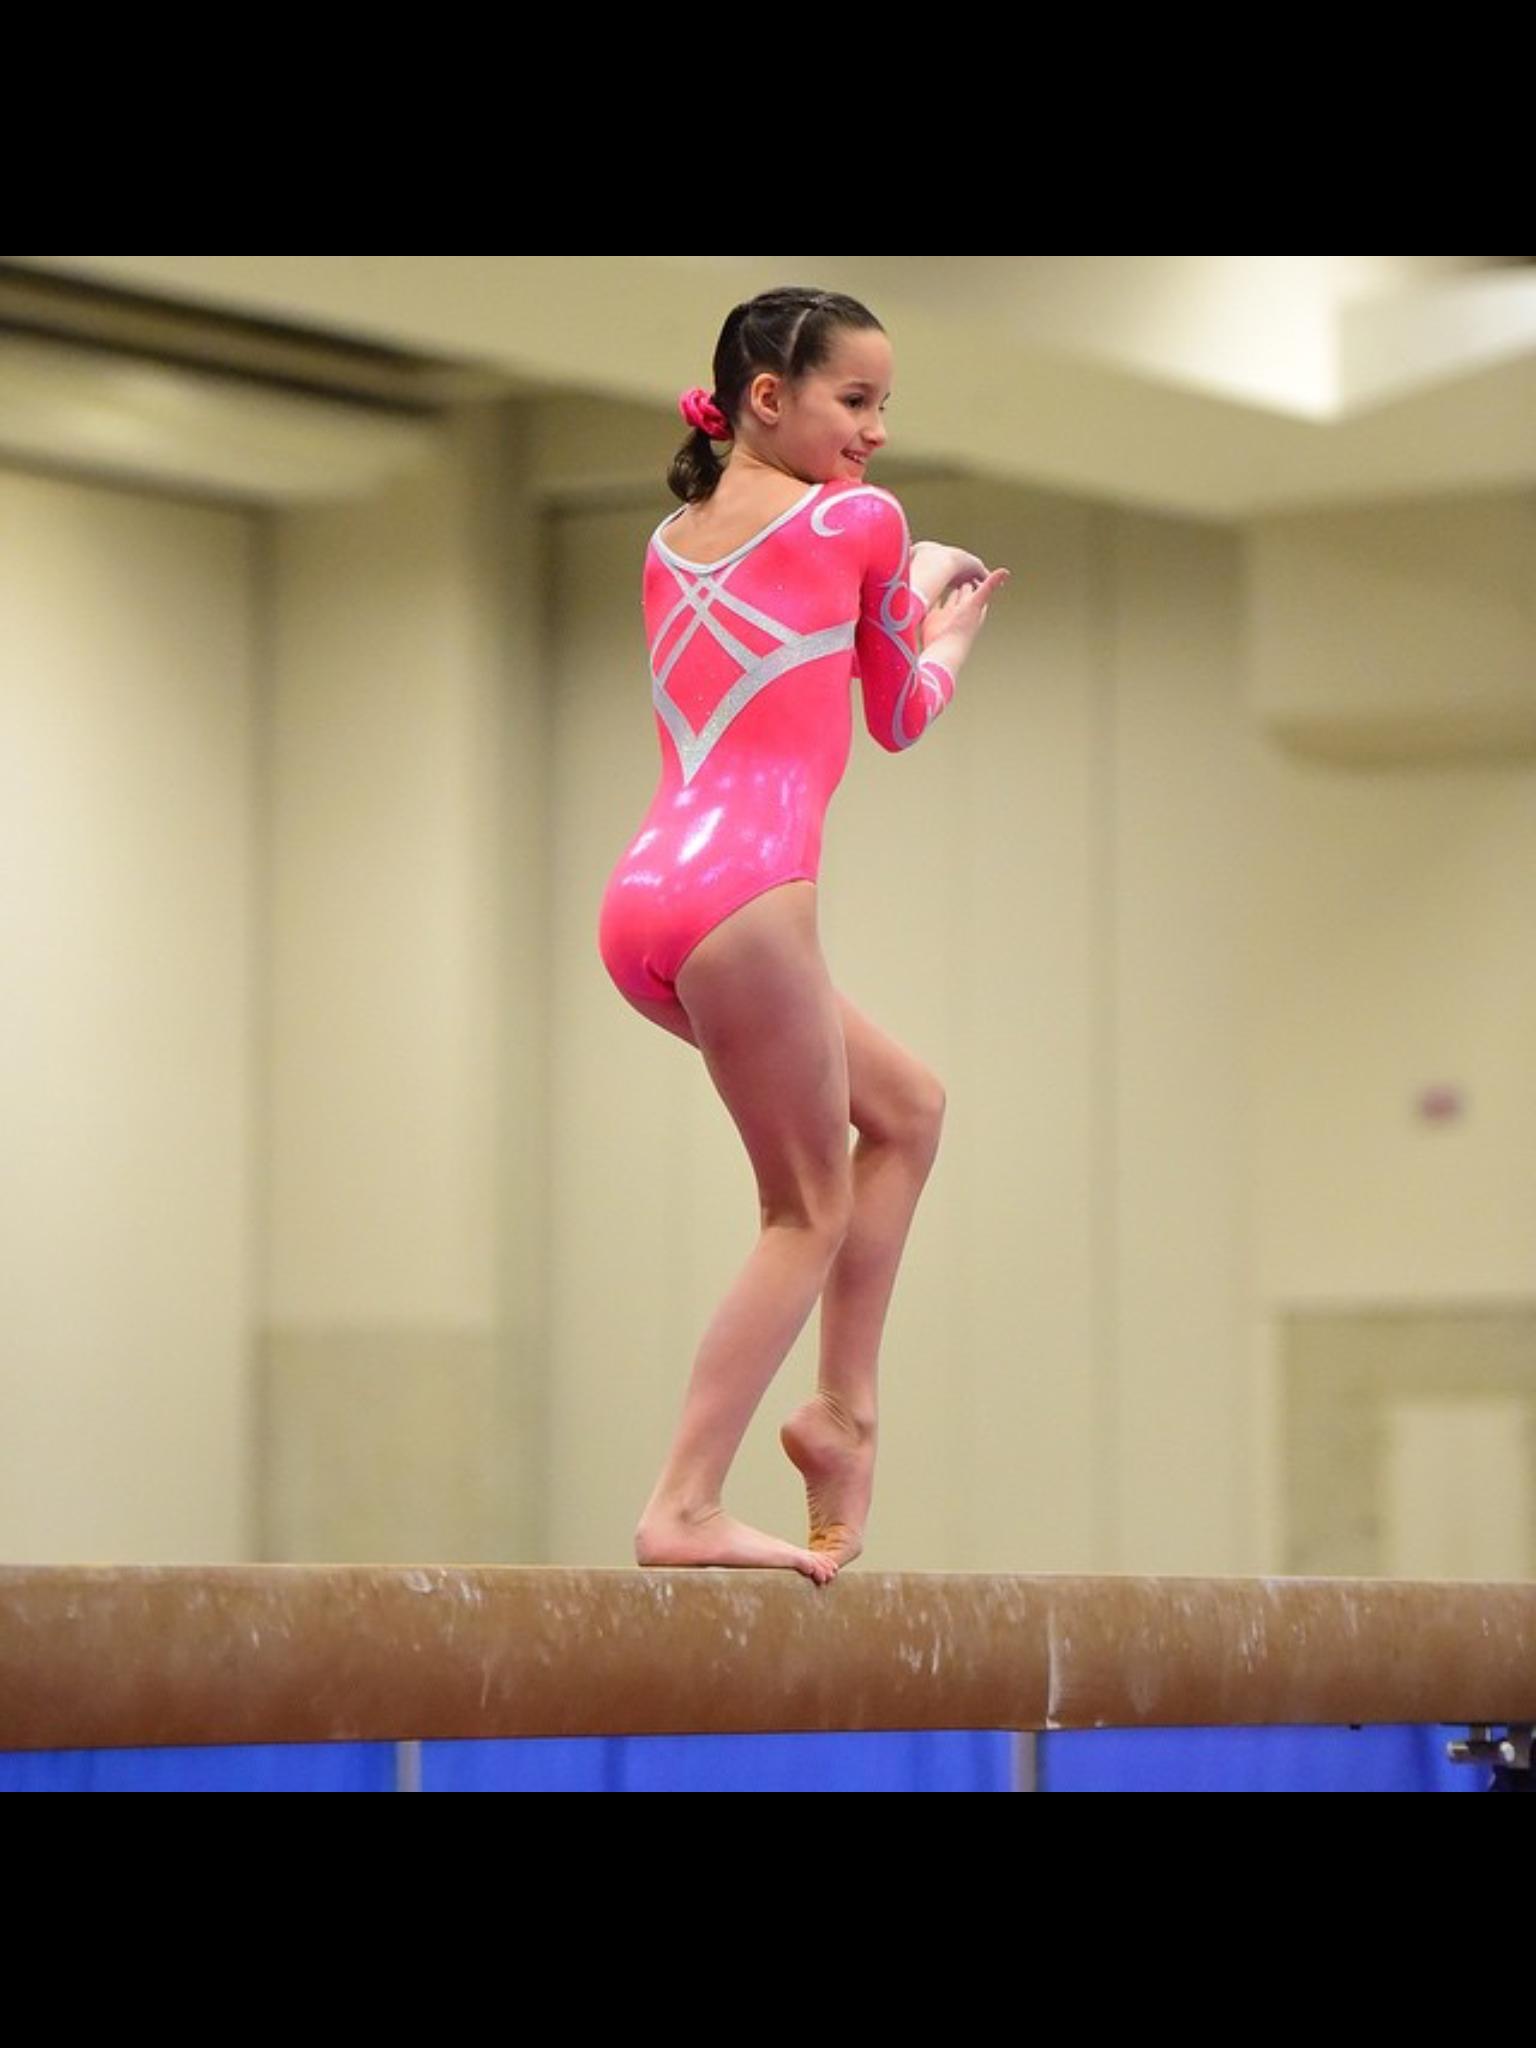 Winwin gymnastics - Gallery